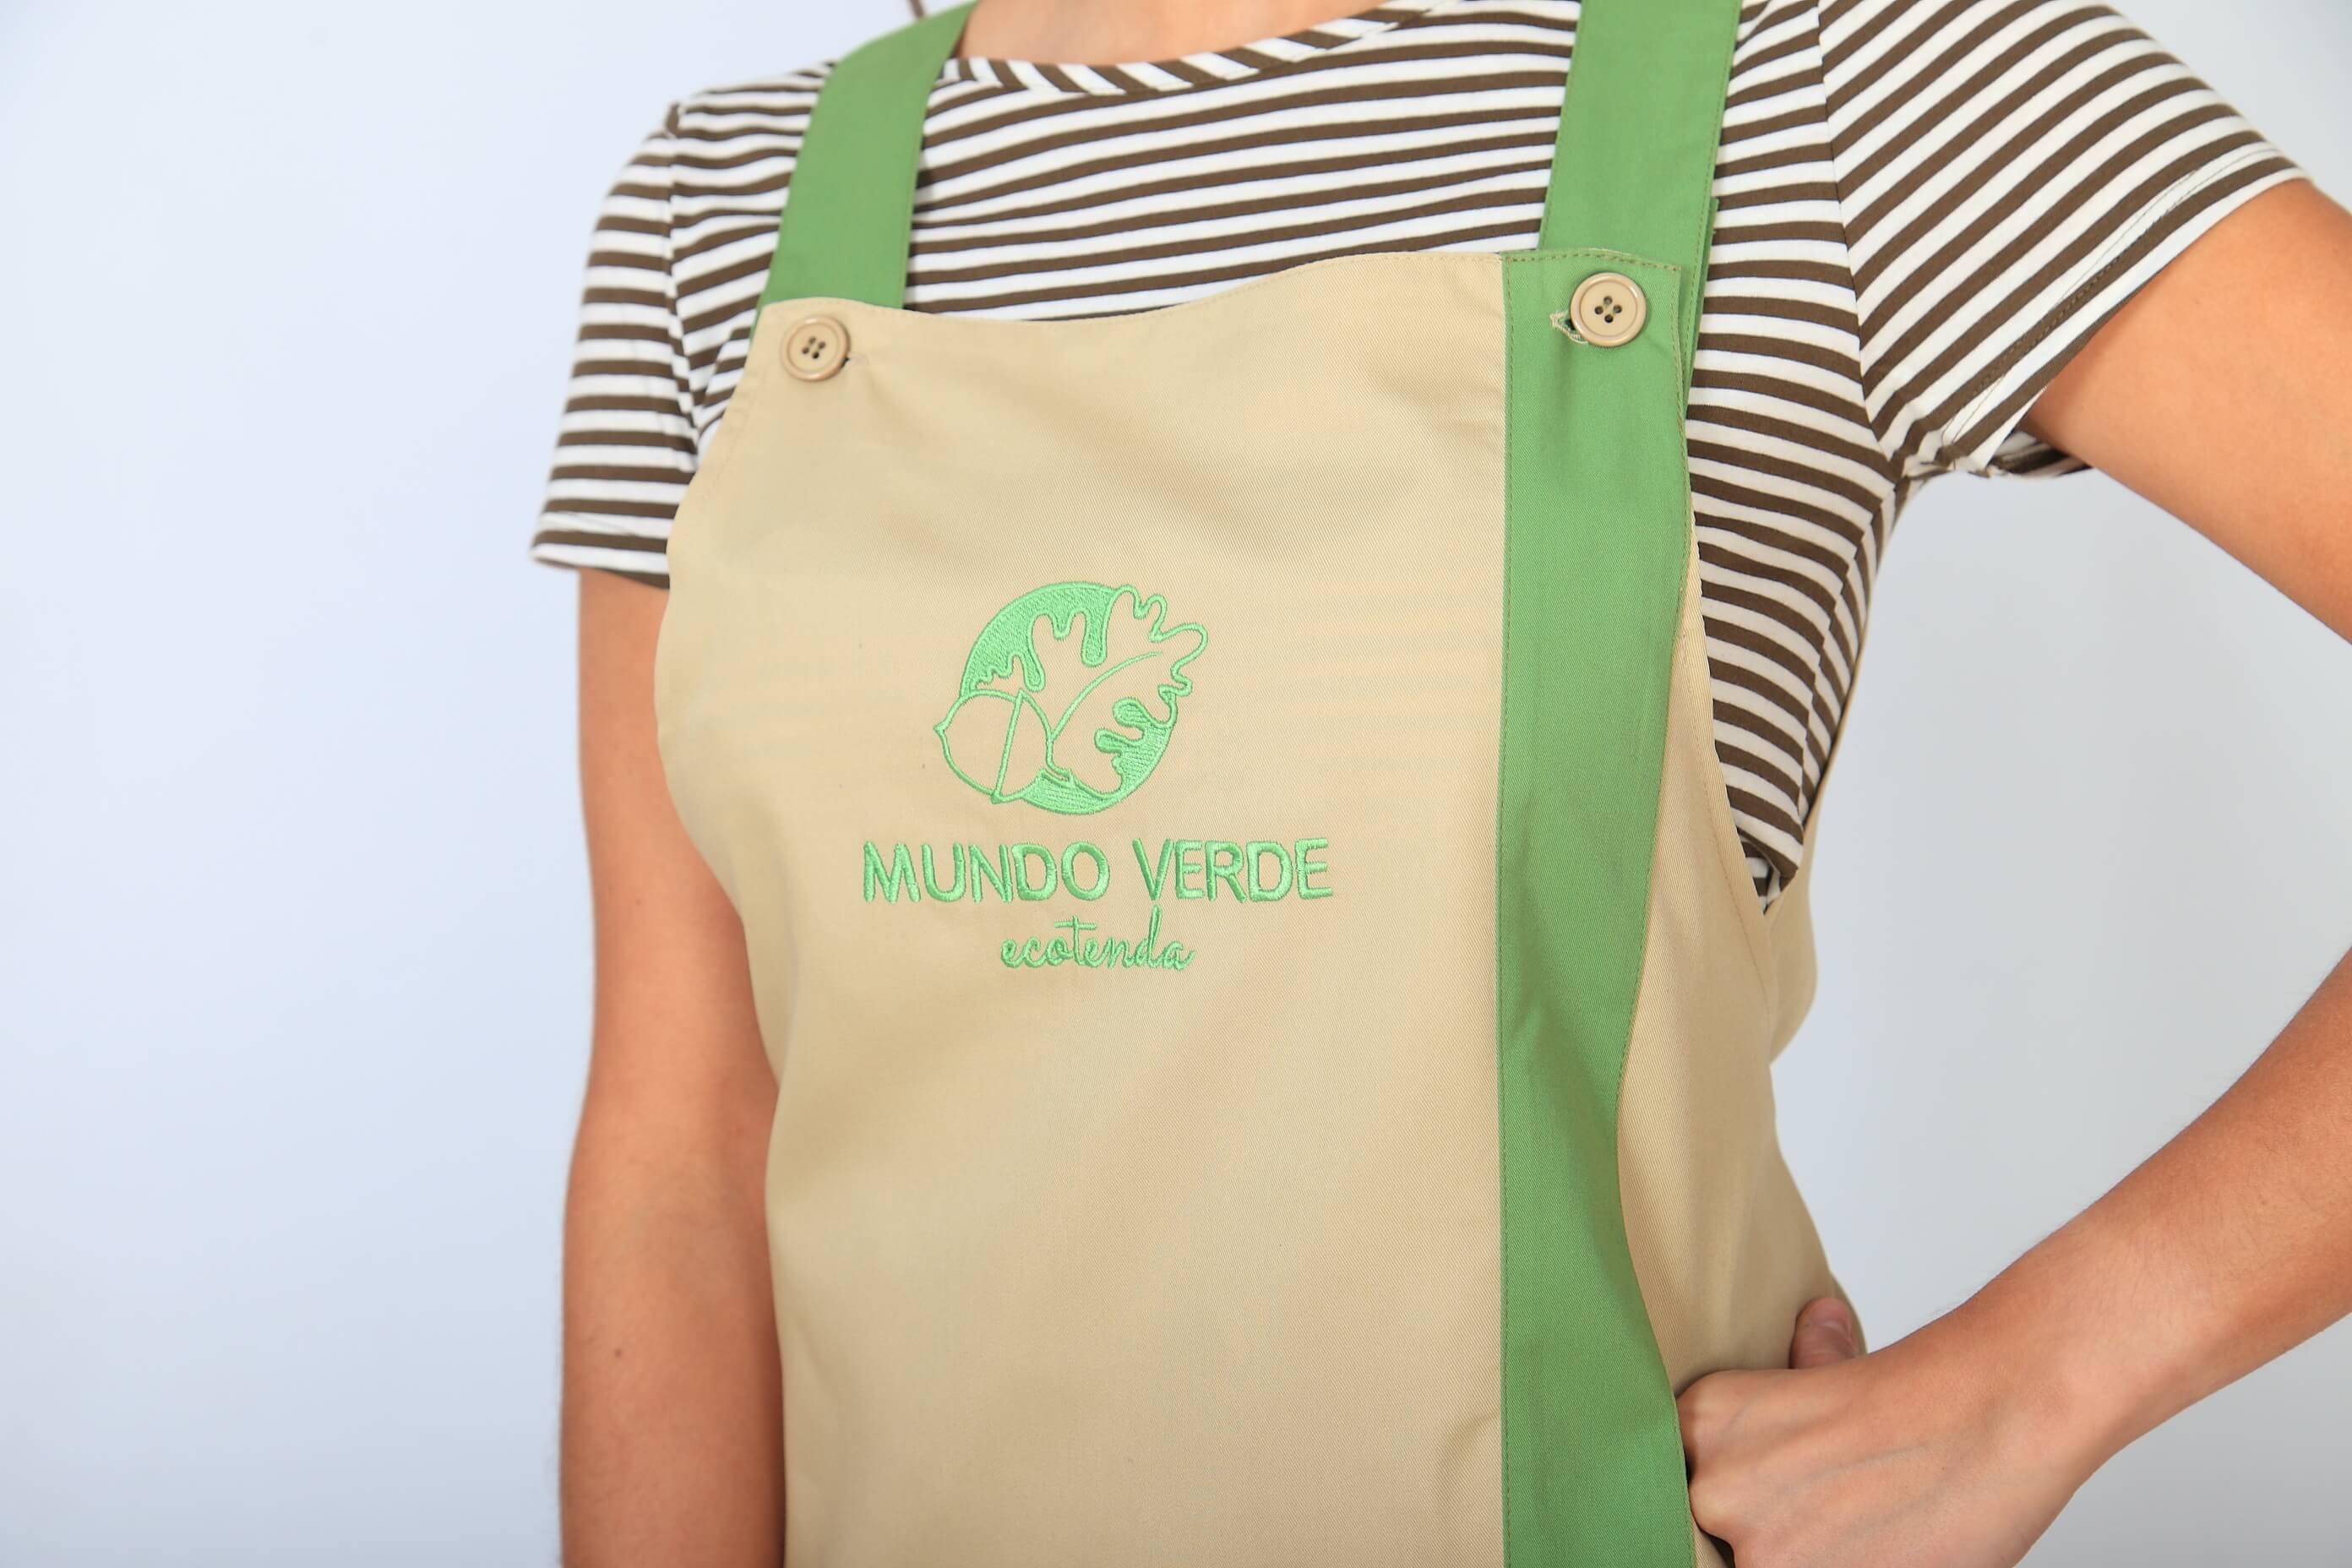 Detalle uniforme para Mundo Verde de Bien Bonito